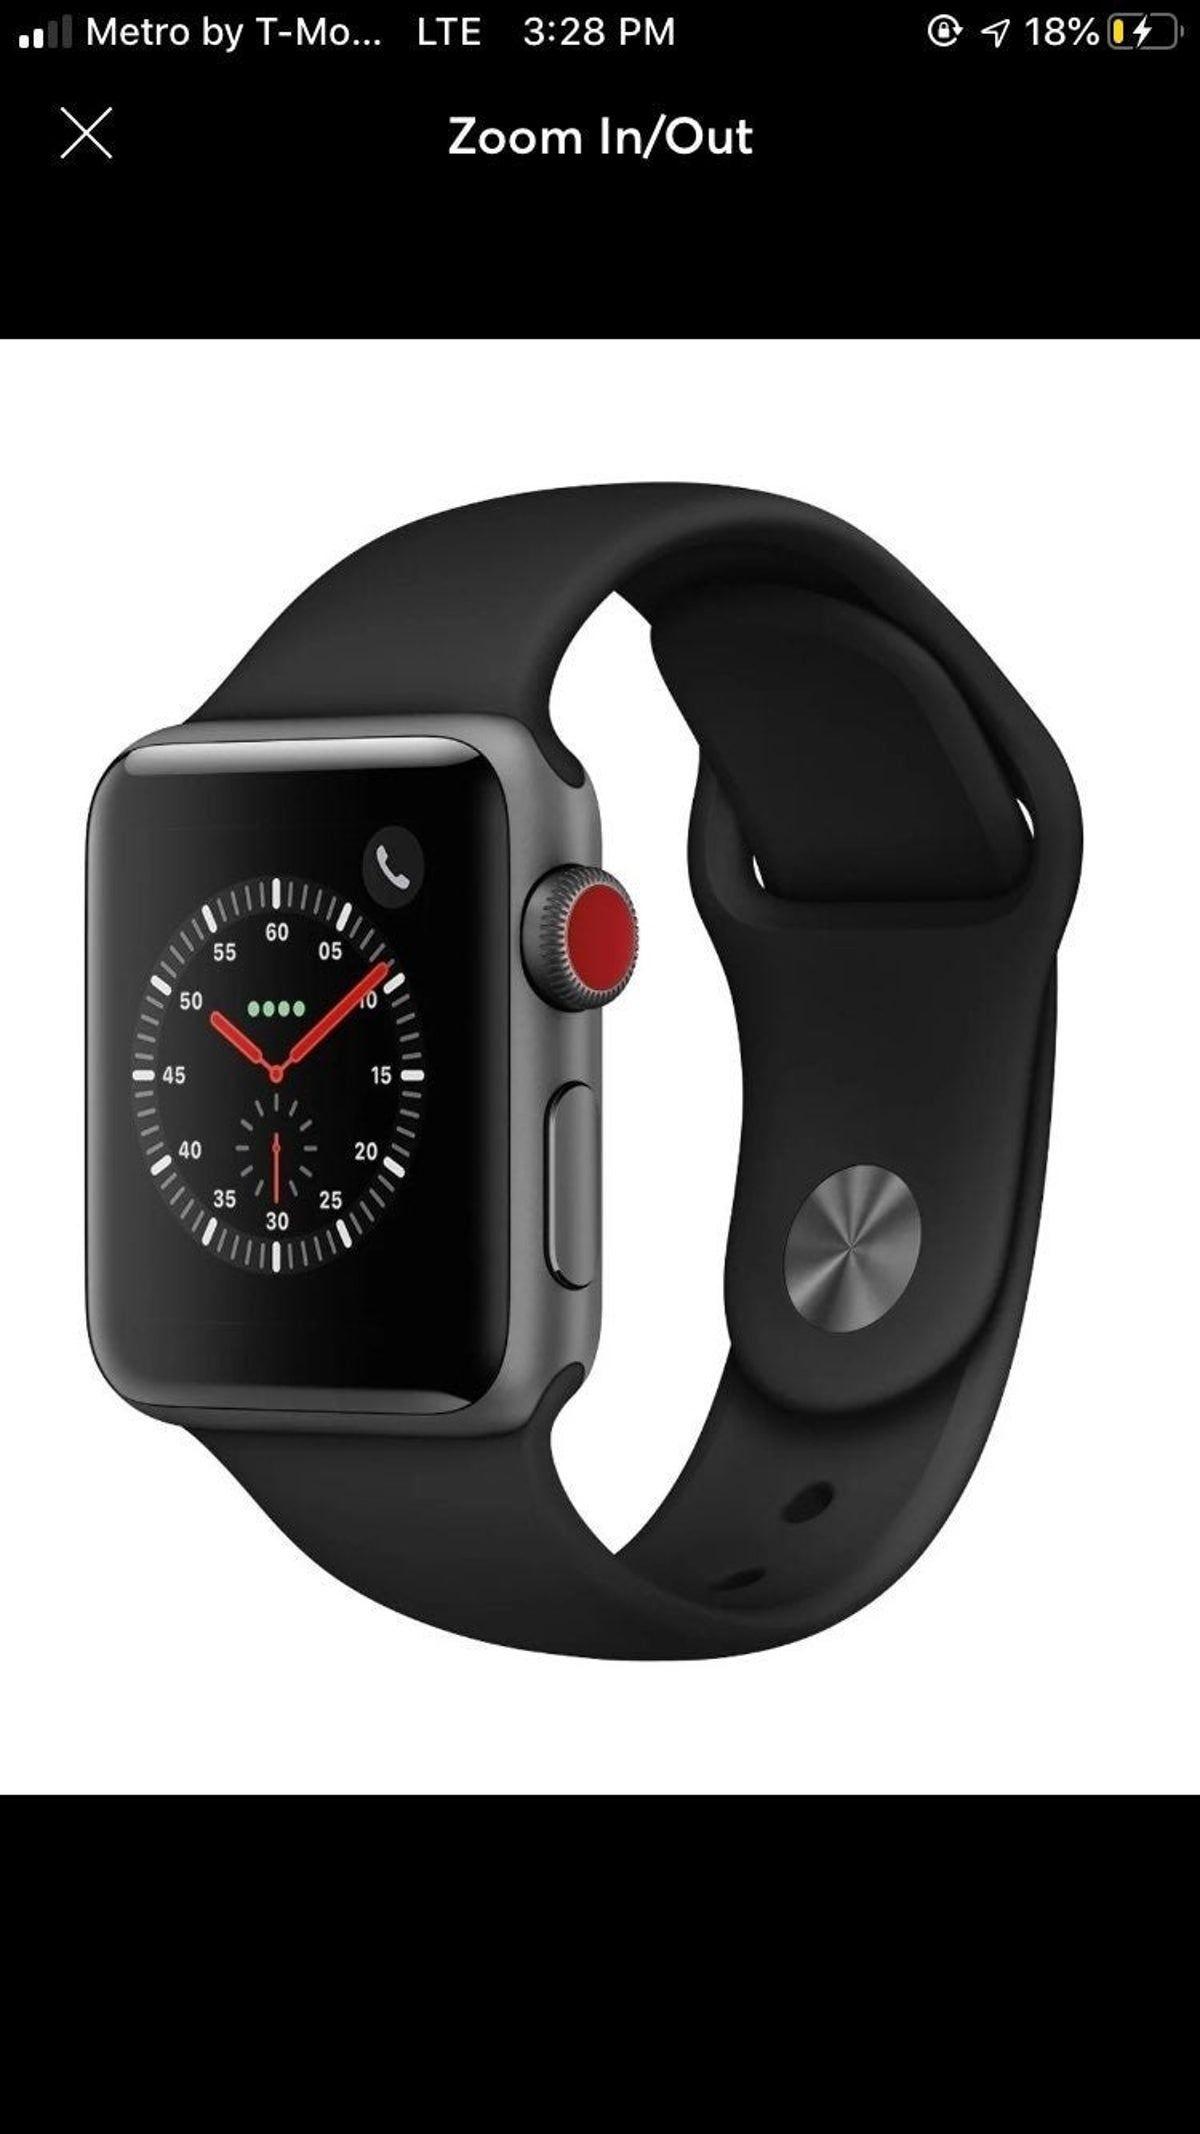 Apple Watch Series 3 44mm in 2020 Buy apple watch, Apple